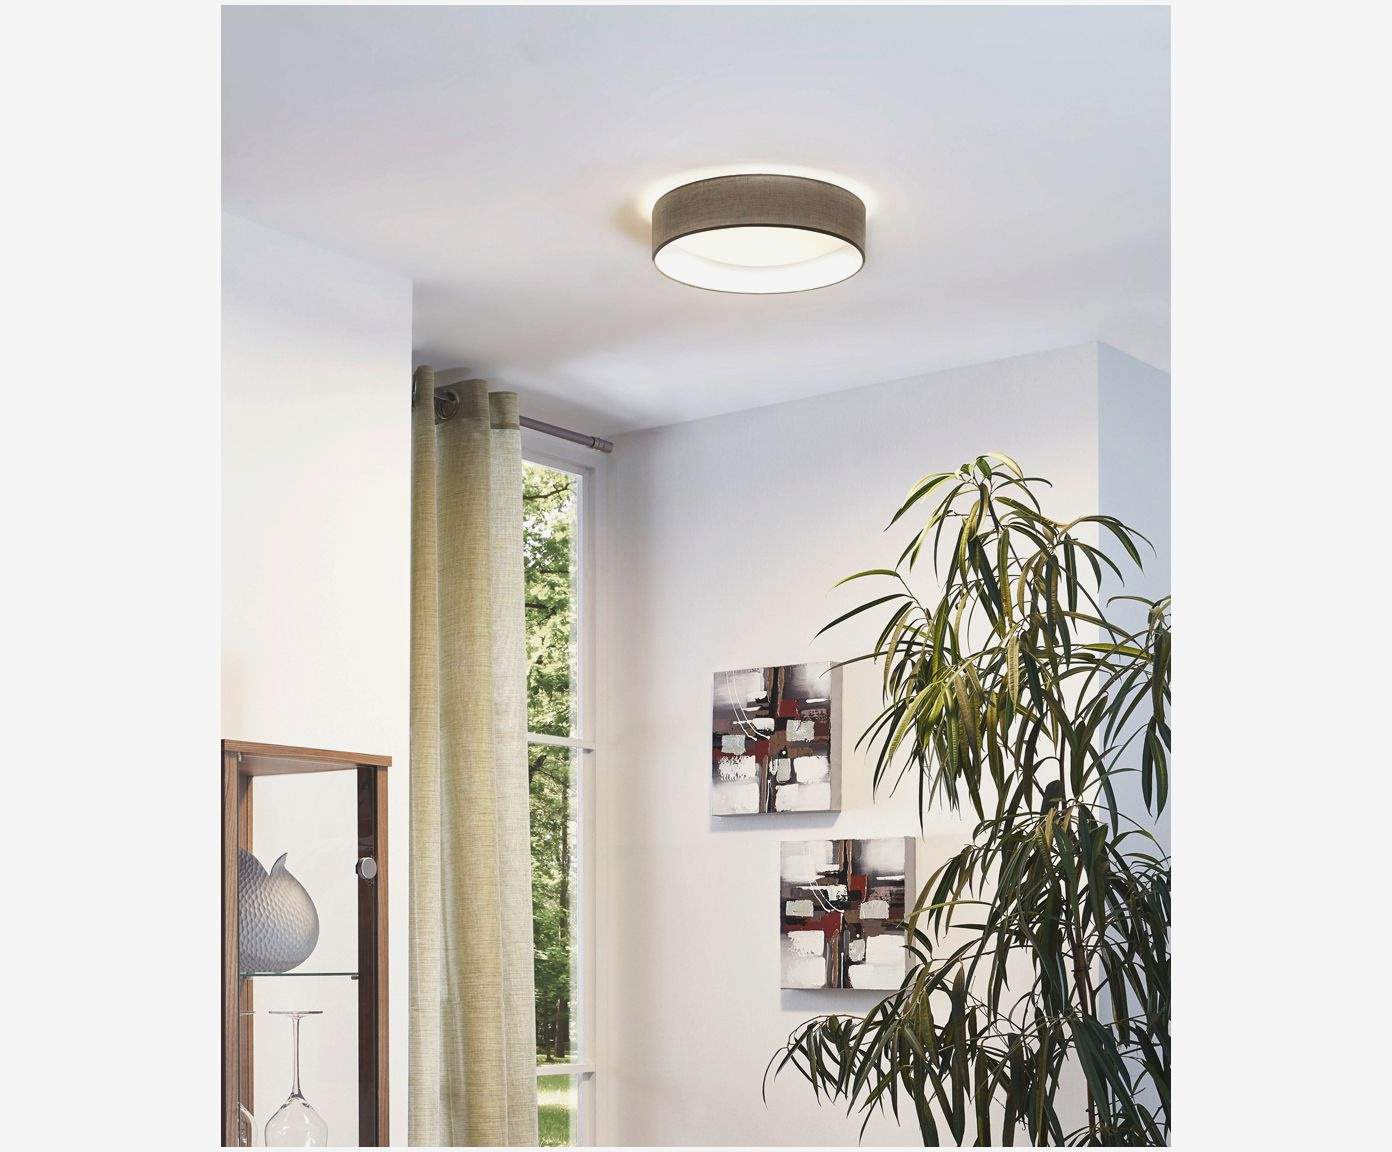 Full Size of Lampen Wohnzimmer Decke Genial Schiene Schlafzimmer Wandtattoos Deckenlampen Modern Stehleuchte Deckenleuchten Stehlampe Deckenlampe Tisch Badezimmer Led Wohnzimmer Lampen Wohnzimmer